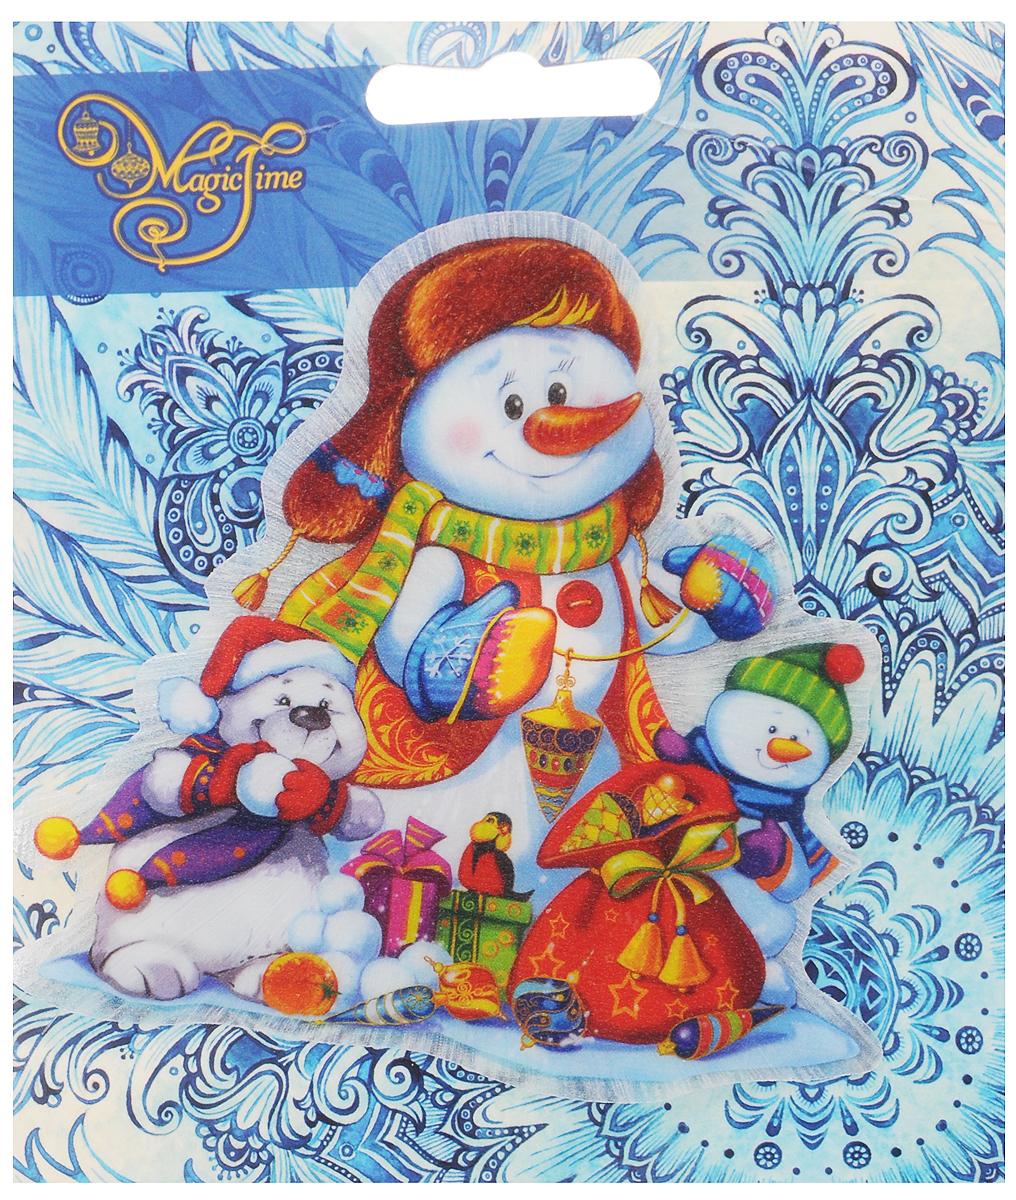 Украшение новогоднее Magic Time Снеговики, со светодиодной подсветкой, на присоске, 10,5 x 10 x 3 см42195Новогоднее украшение Magic Time Снеговики выполнено из поливинилхлорида. Украшение представляет собой пластиковую картину с изображением снеговиков с подарками. С помощью присоски украшение можно прикрепить на любое понравившееся вам место. Изделие оснащено светодиодной подсветкой.В комплект входит элемент питания LR44 (мощность 0,06 Вт, напряжение 3 В)Новогоднее украшение Magic Time Снеговики несет в себе волшебство и красоту праздника. Создайте в своем доме атмосферу веселья и радости, с помощью игрушек, которые будут из года в год накапливать теплоту воспоминаний.Размер украшения: 10,5 х 10 х 3 см.